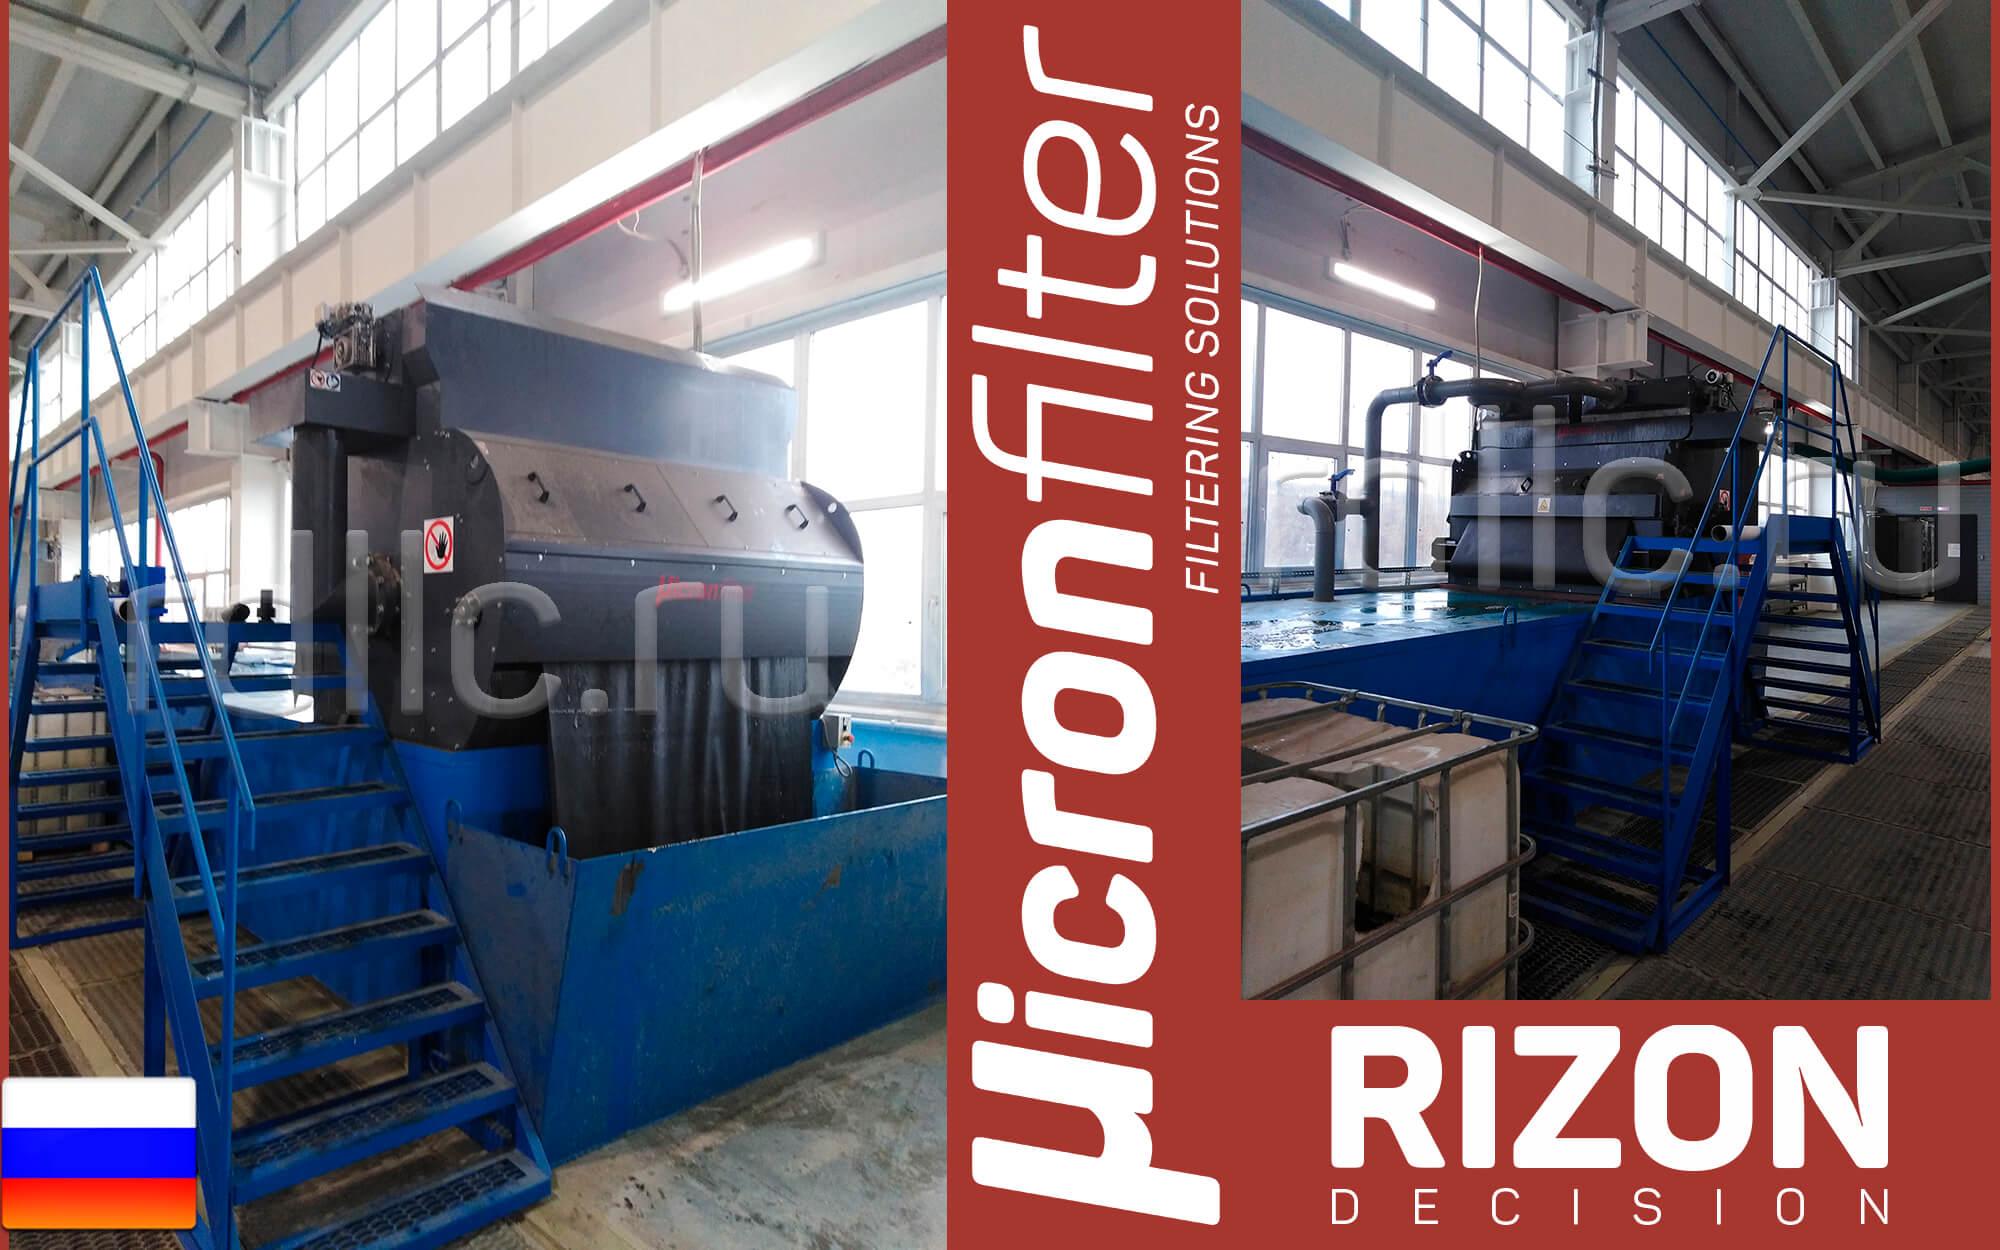 Централизованная система очистки СОЖ при производстве колтюбинговых труб (установка фильтрации СОЖ гравитационного типа Maxflow 2000 | двойной тандемный магнитный сепаратор СОЖ повышенной производительности Kalamit 1200 HD)